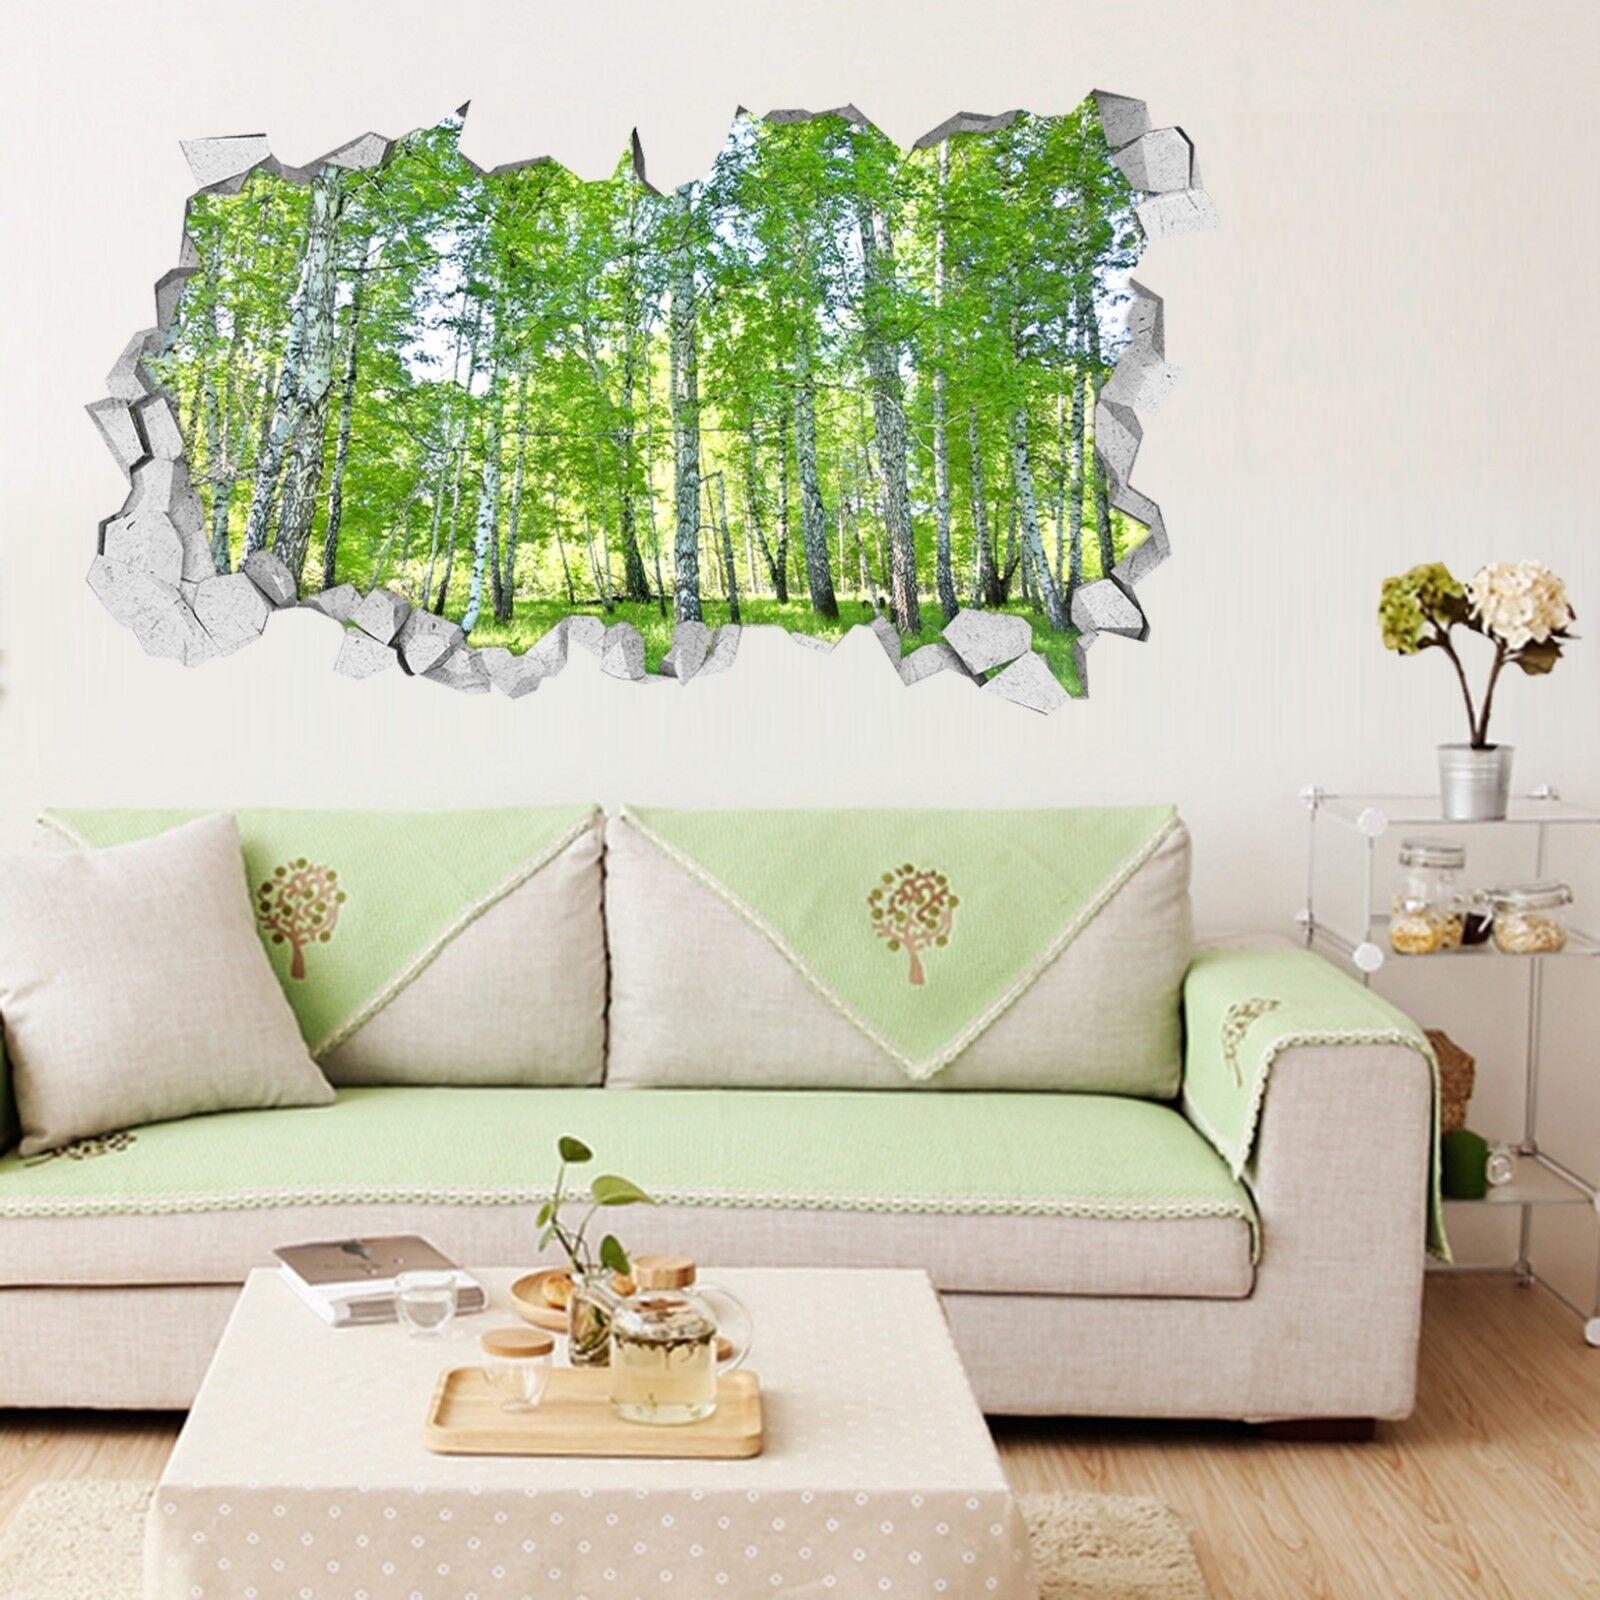 3D greene Bäume 050 Mauer Murals Mauer Aufklebe Decal Durchbruch AJ WALLPAPER DE